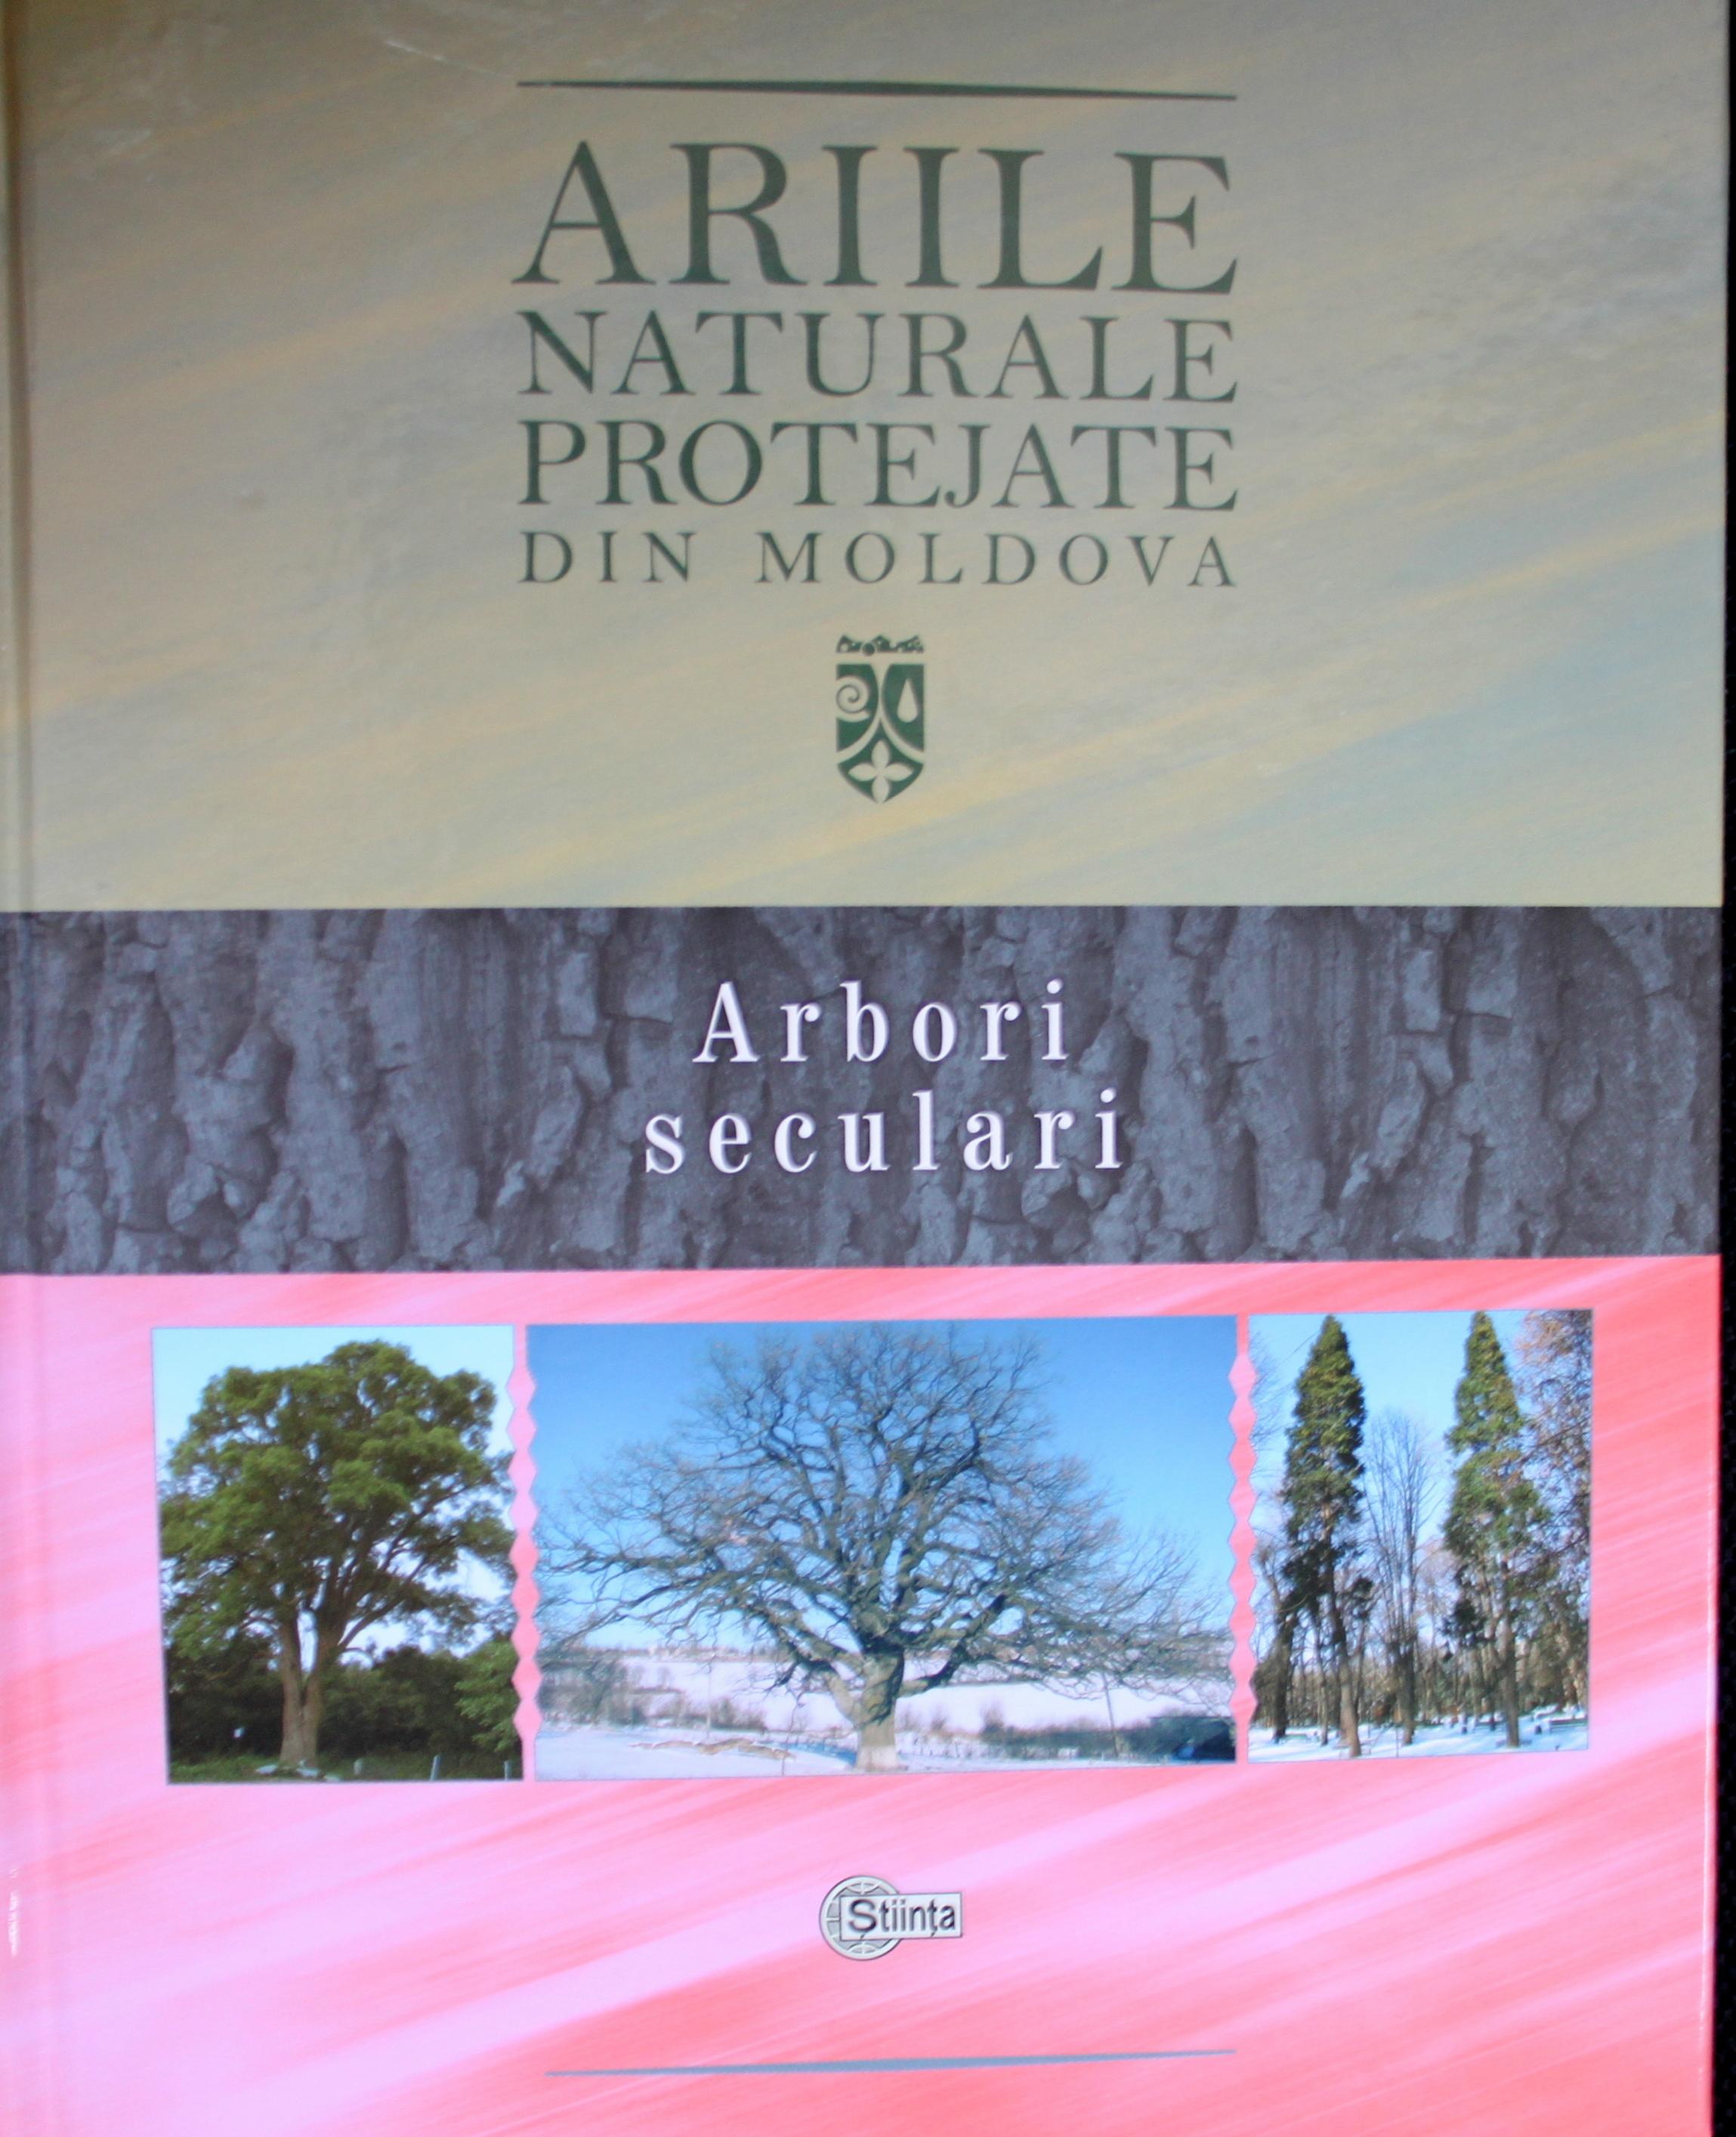 """Volumul II """"Arbori seculari"""" din seria """"Ariile naturale protejate din Republica Moldova"""" – editat"""